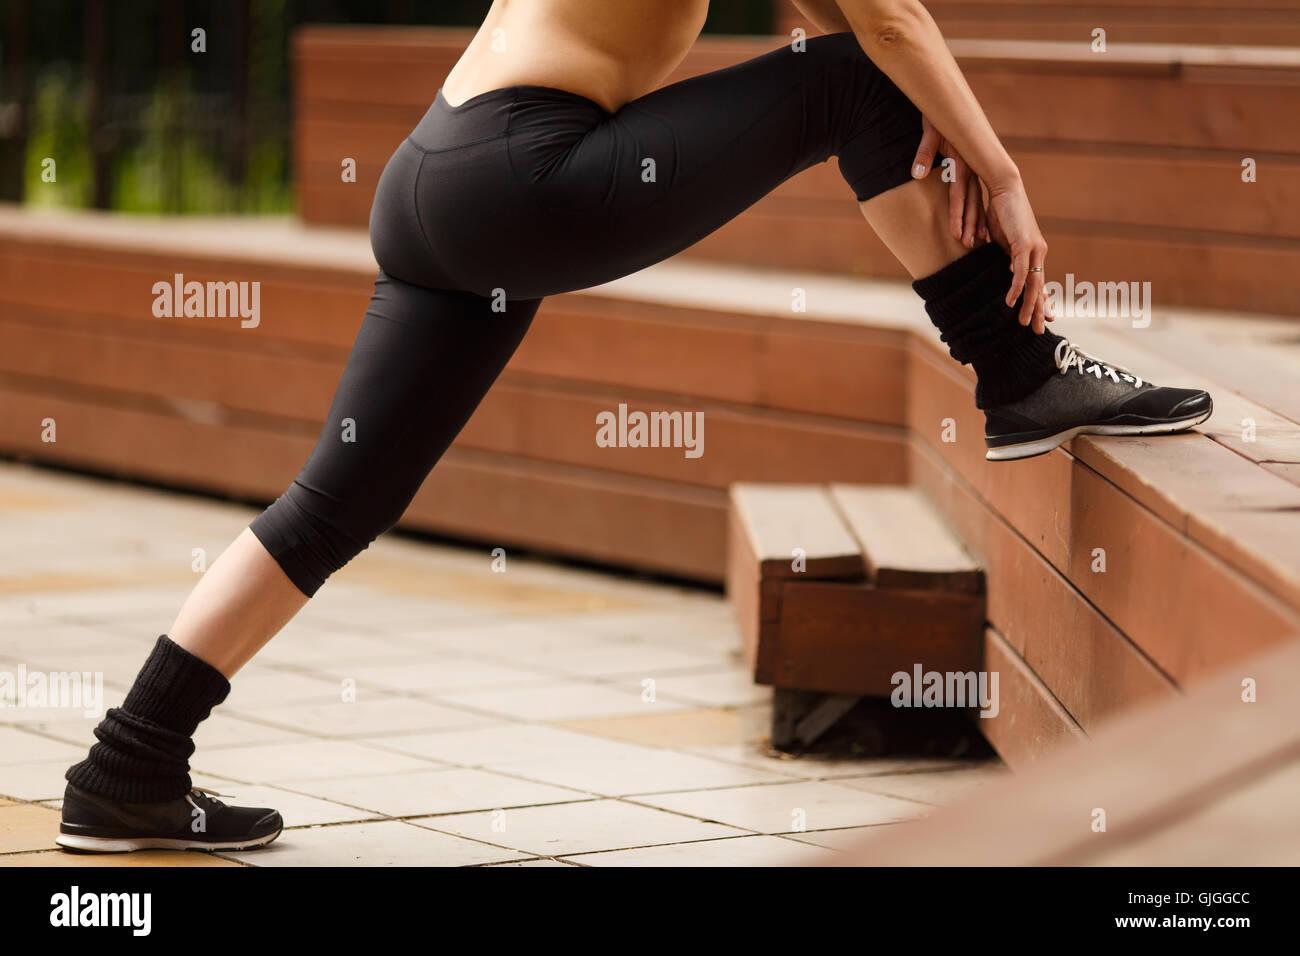 Mujer Fitness piernas estiramiento antes del entrenamiento al aire libre Imagen De Stock